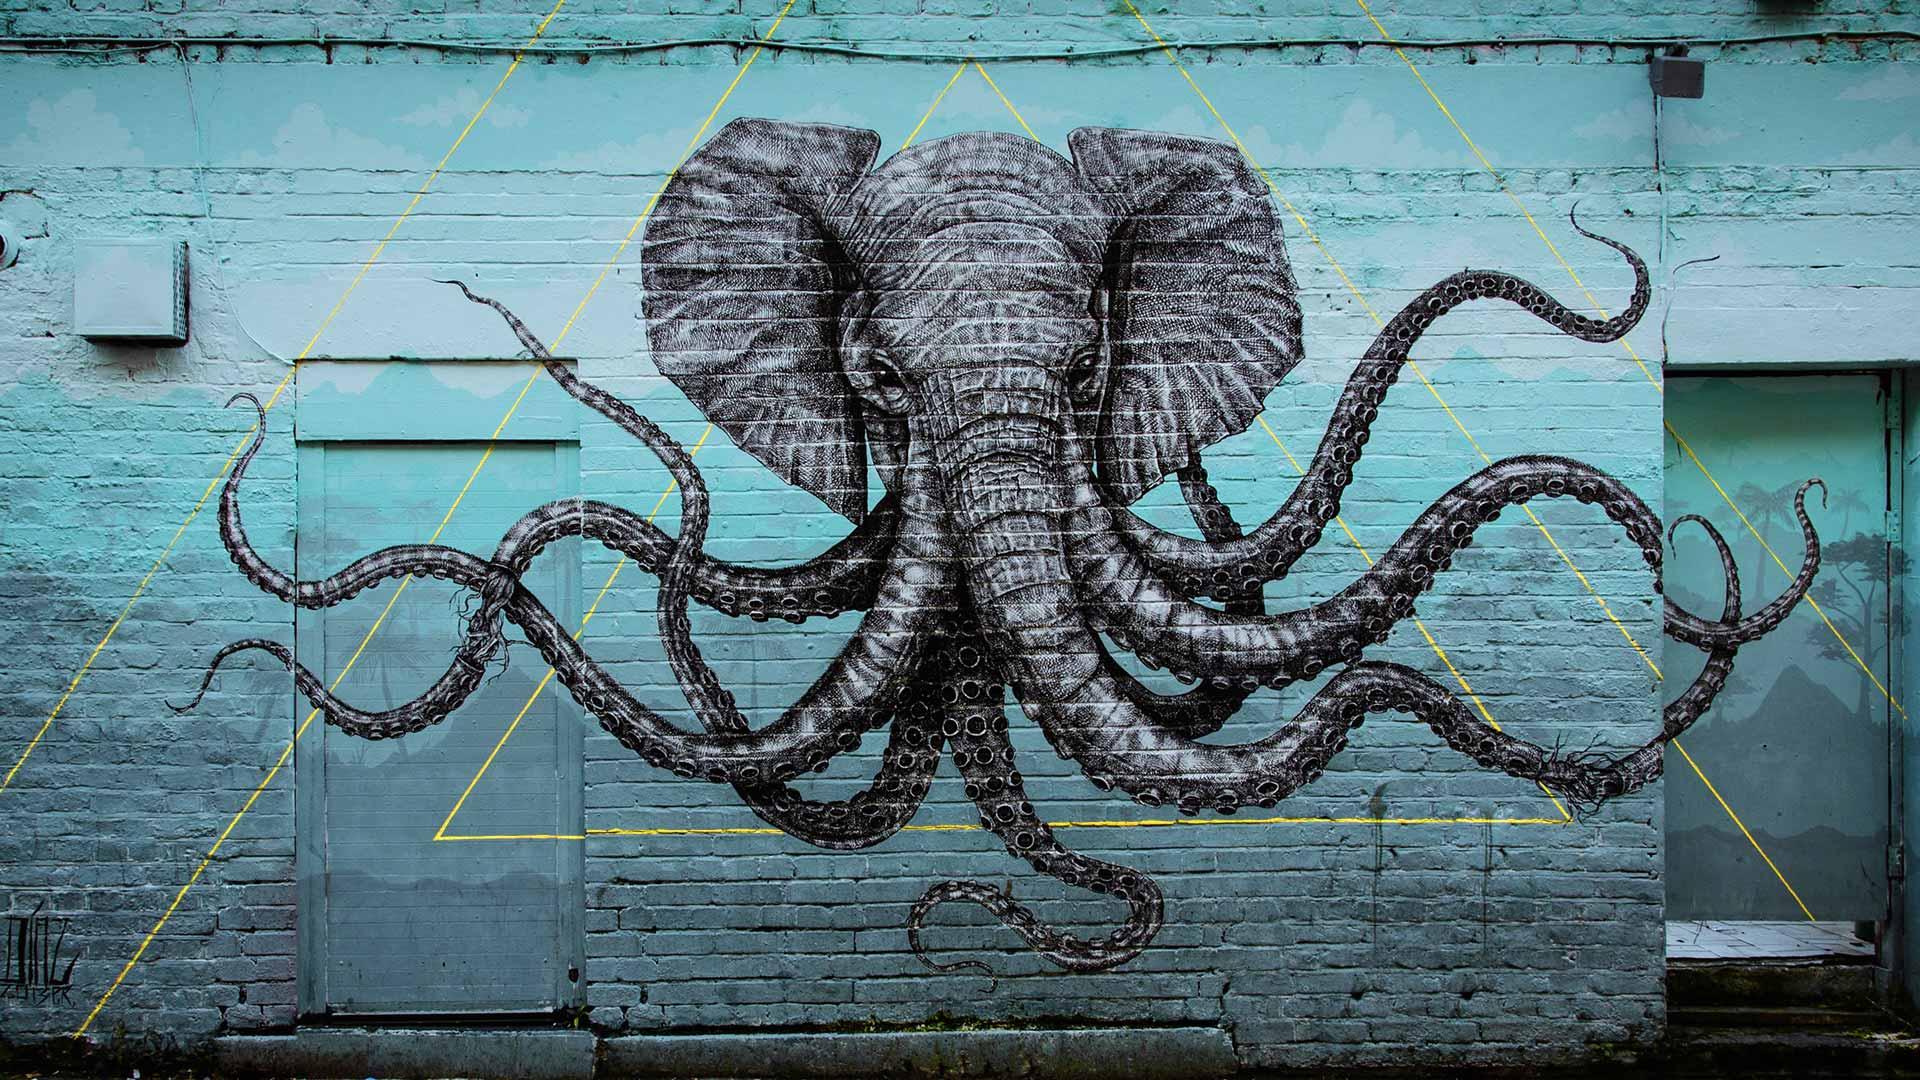 street art d'un éléphant avec des tentacules de pieuvres